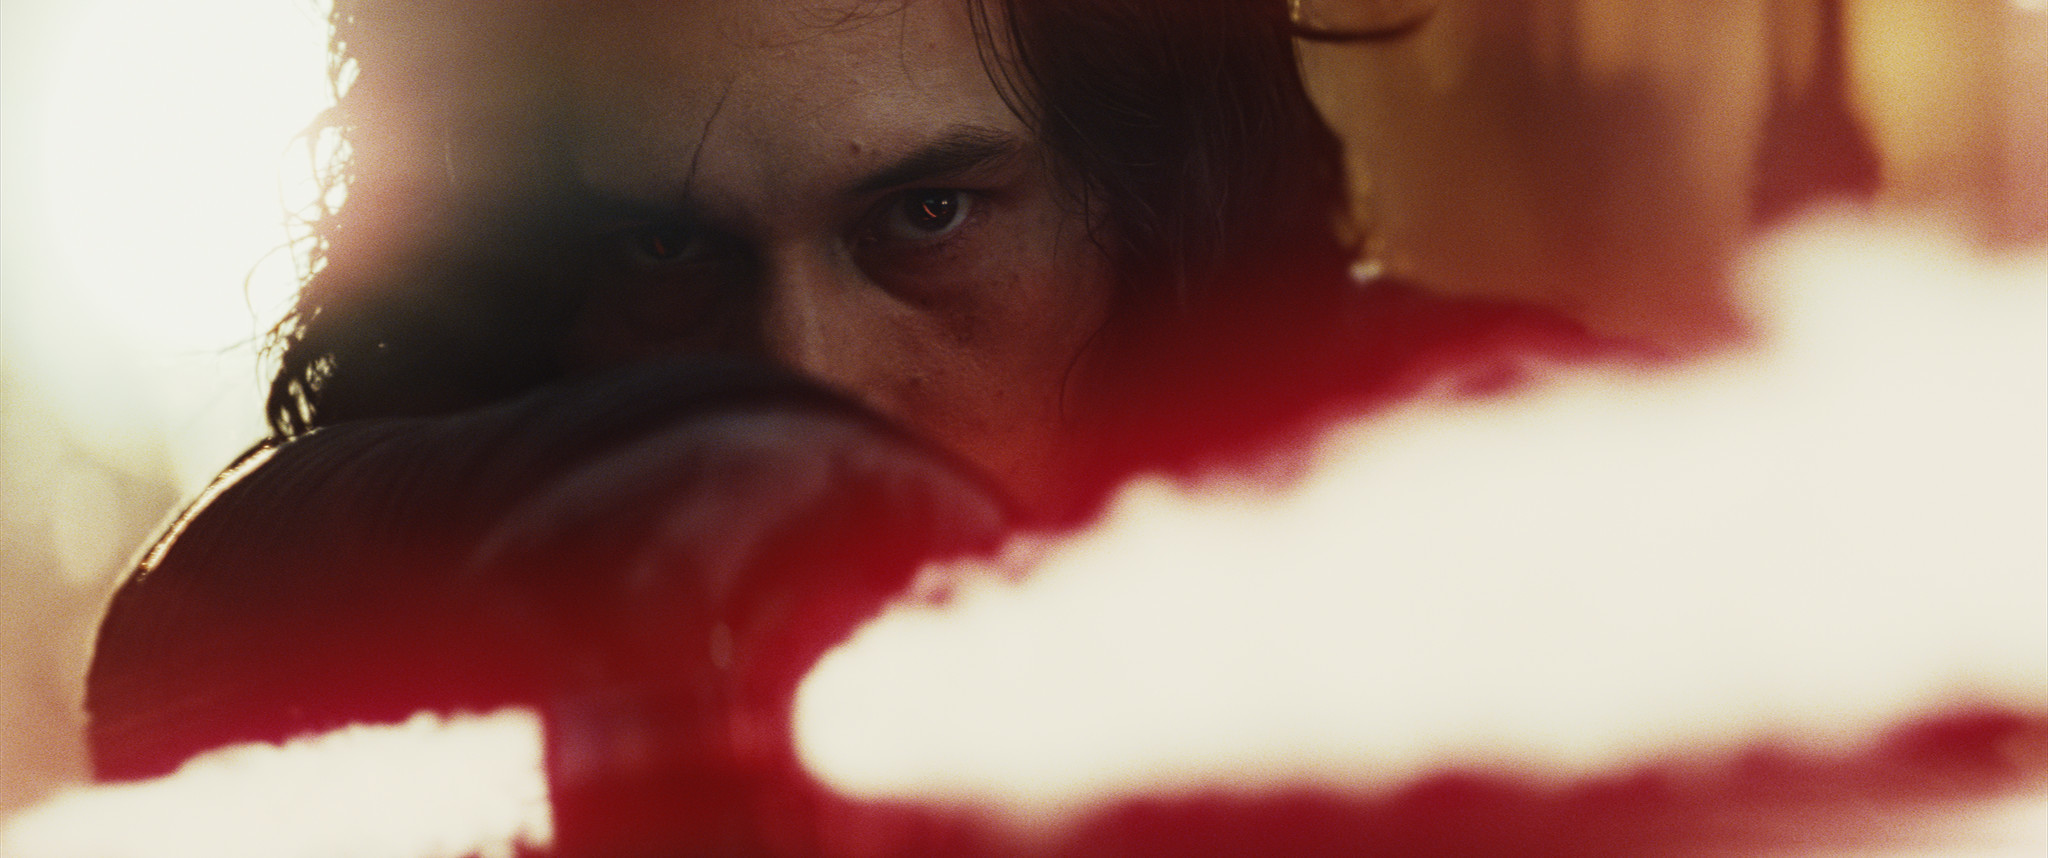 Звёздные войны. Эпизод VIII Последние джедаи (Star Wars. Episode VIII The Last Jedi) 9